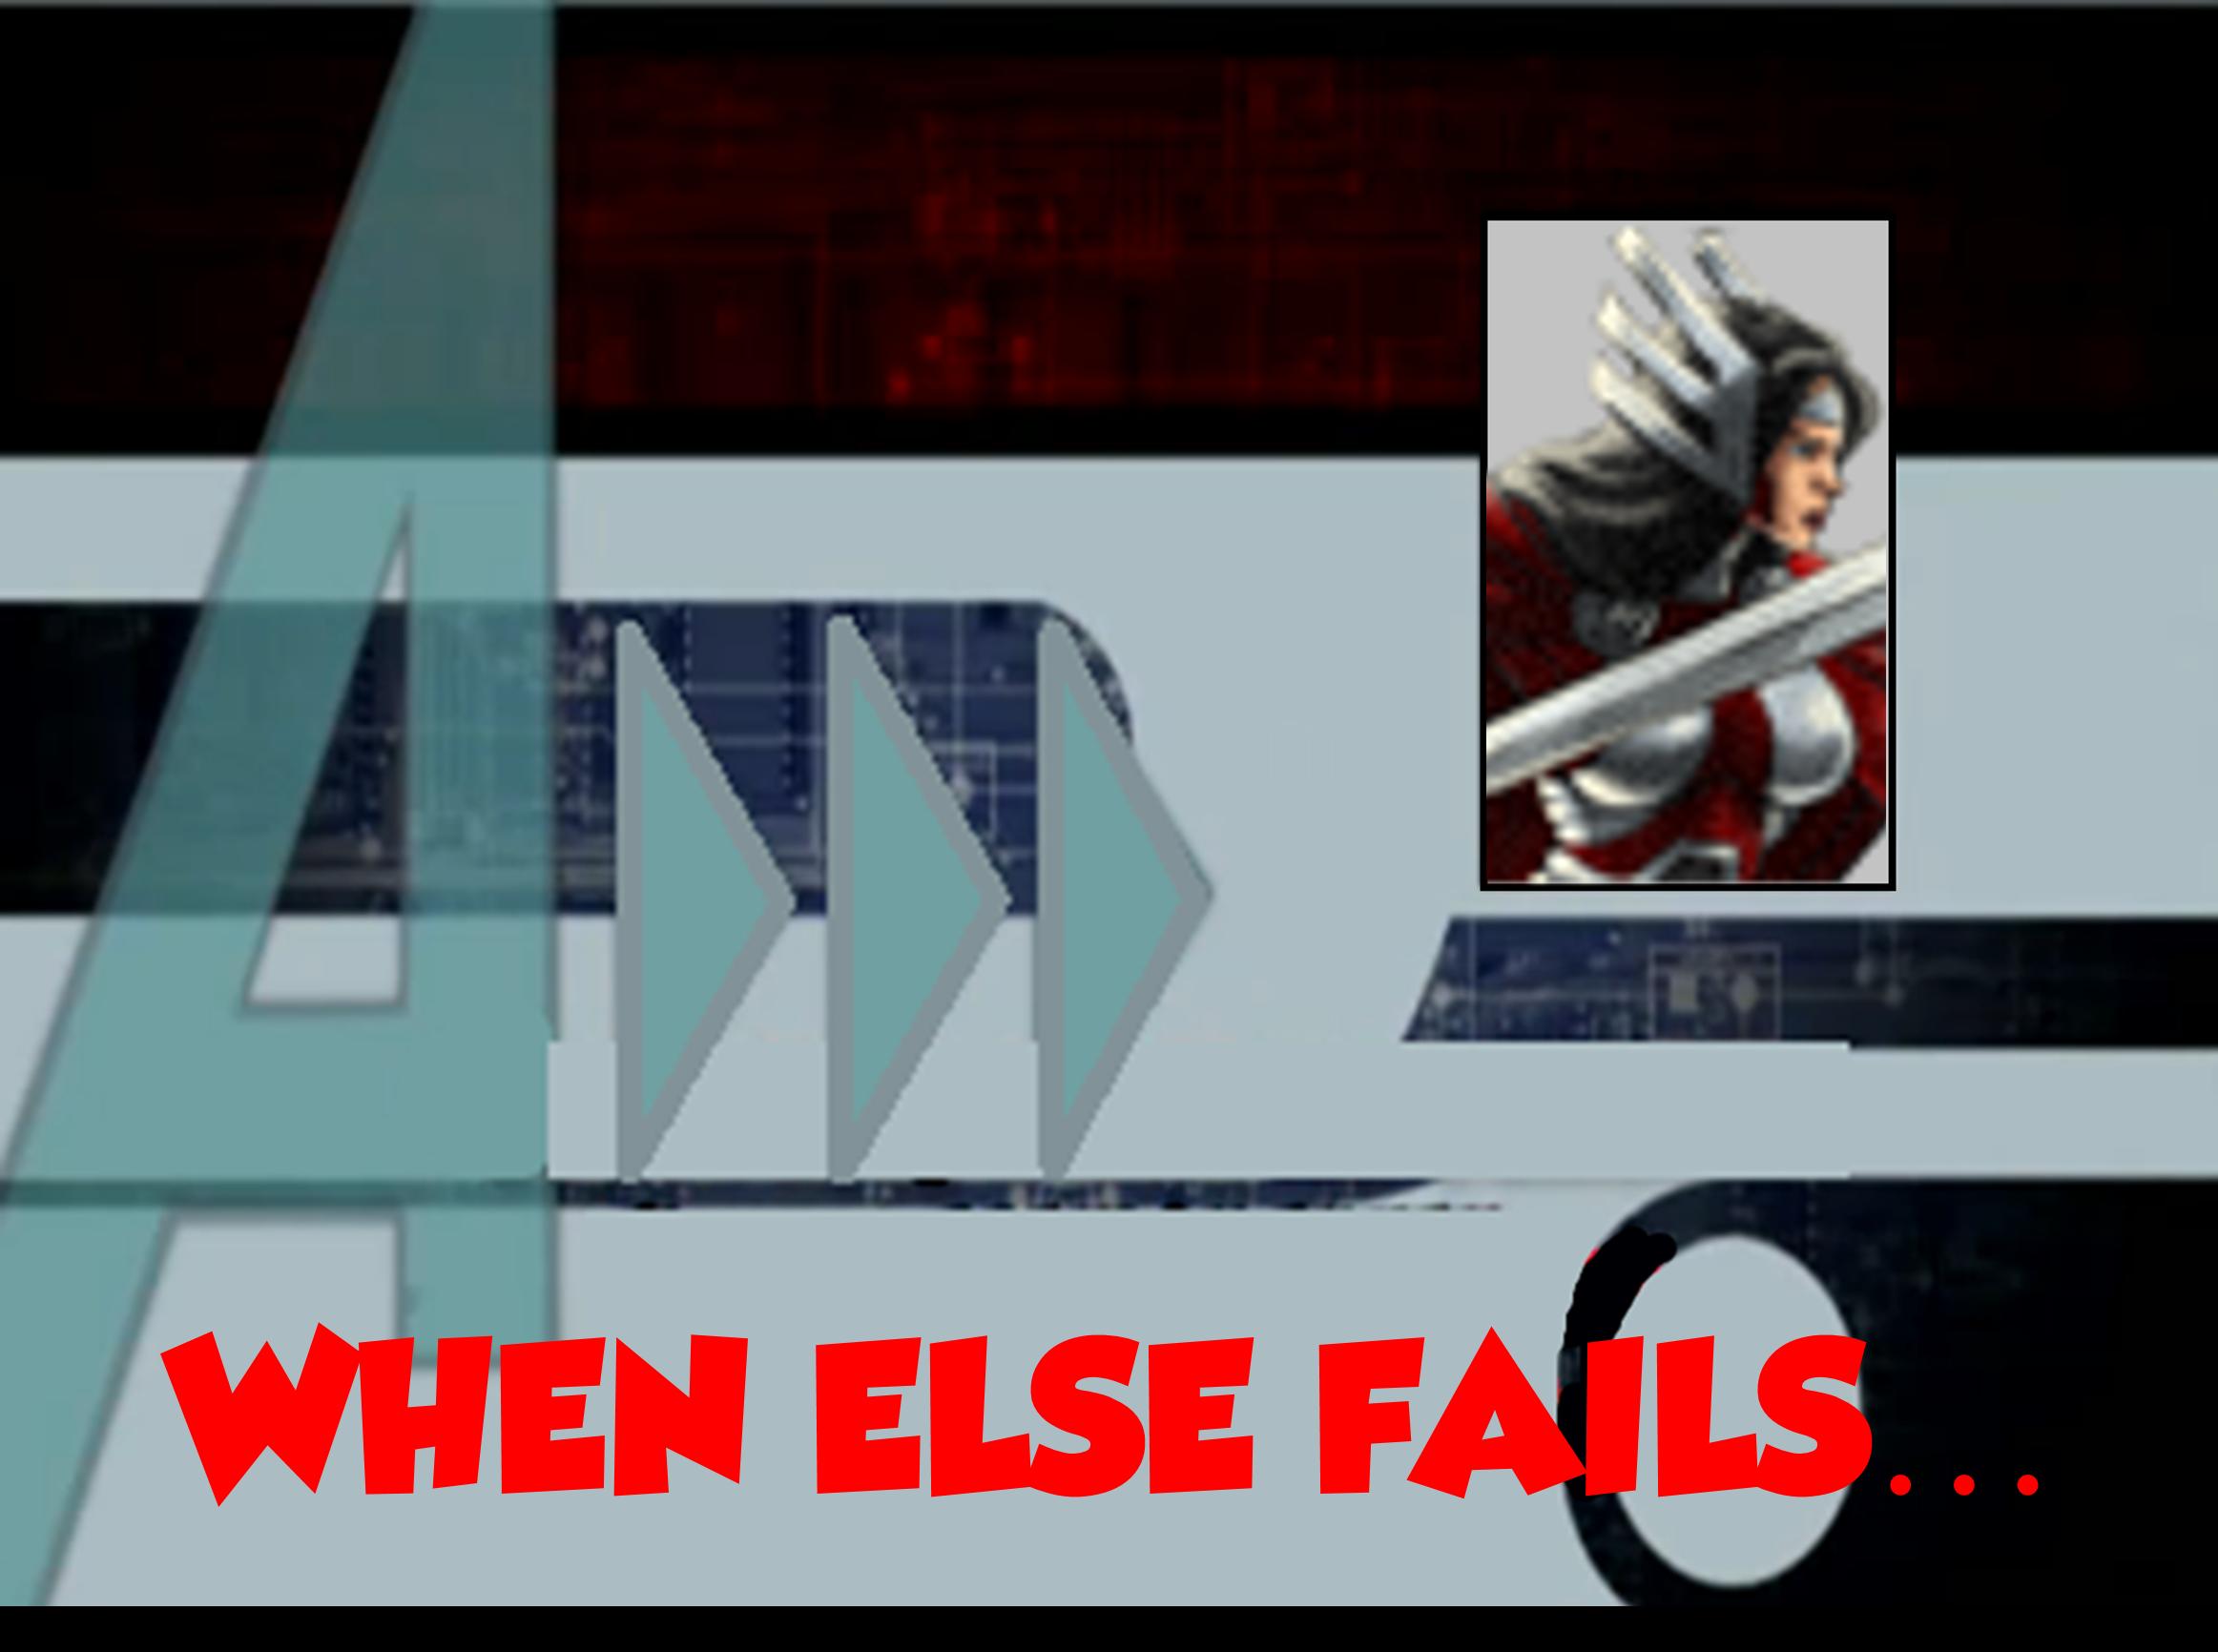 When Else Fails... (A!)